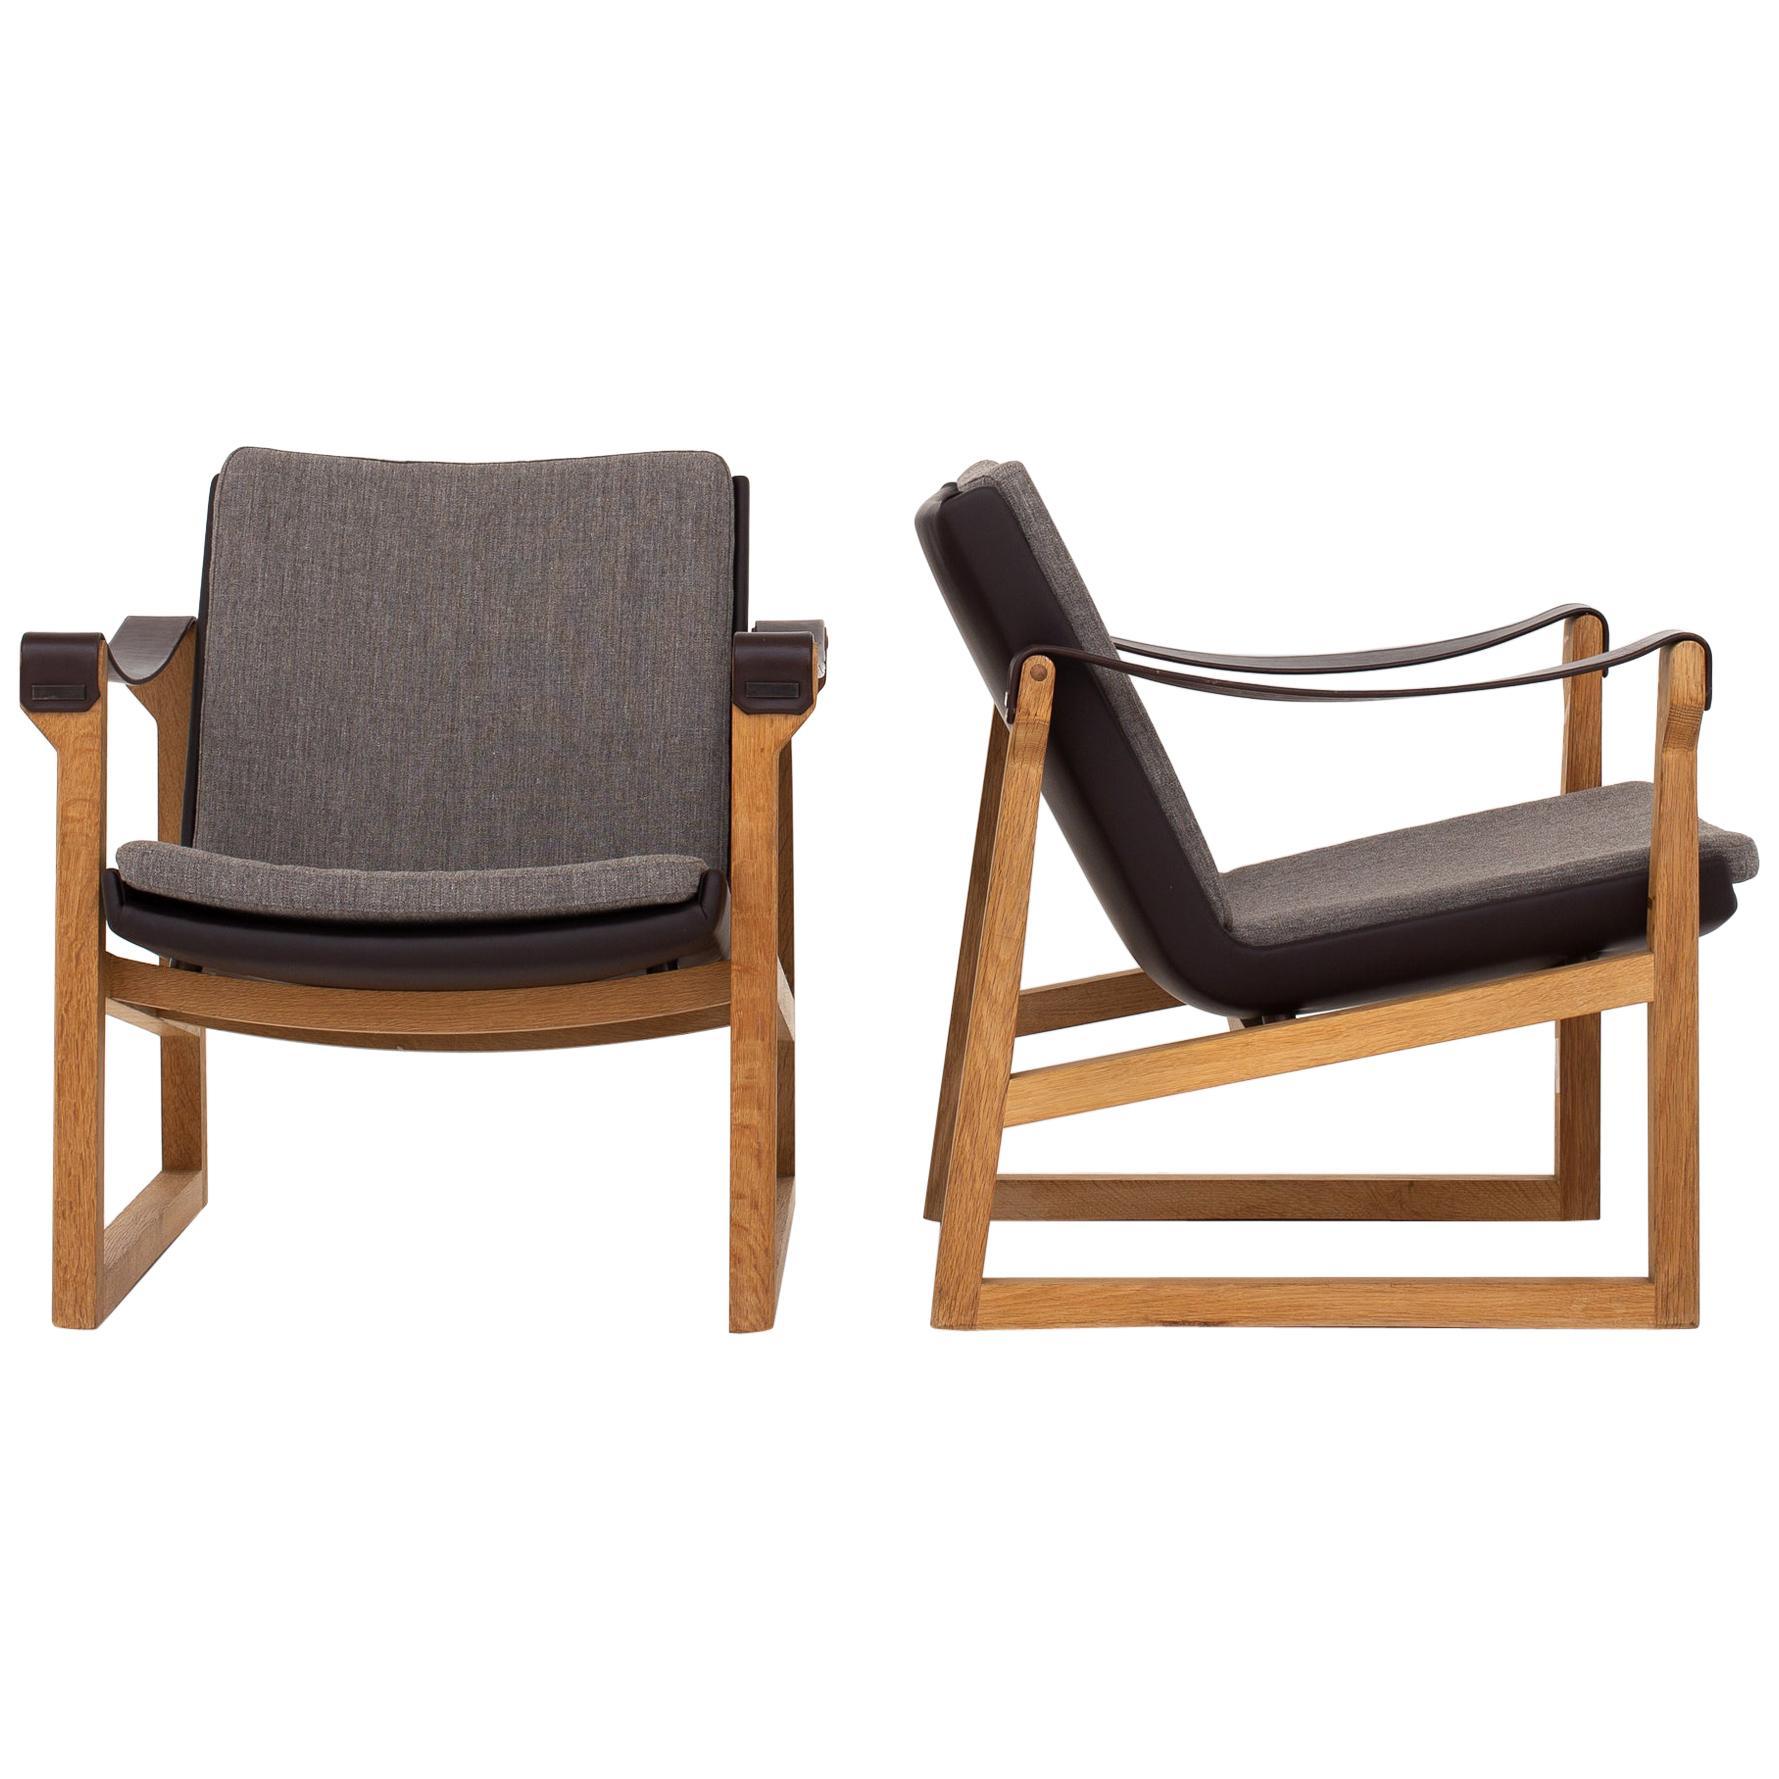 Pair of Safari Chairs by Karen & Erik Clemmesen